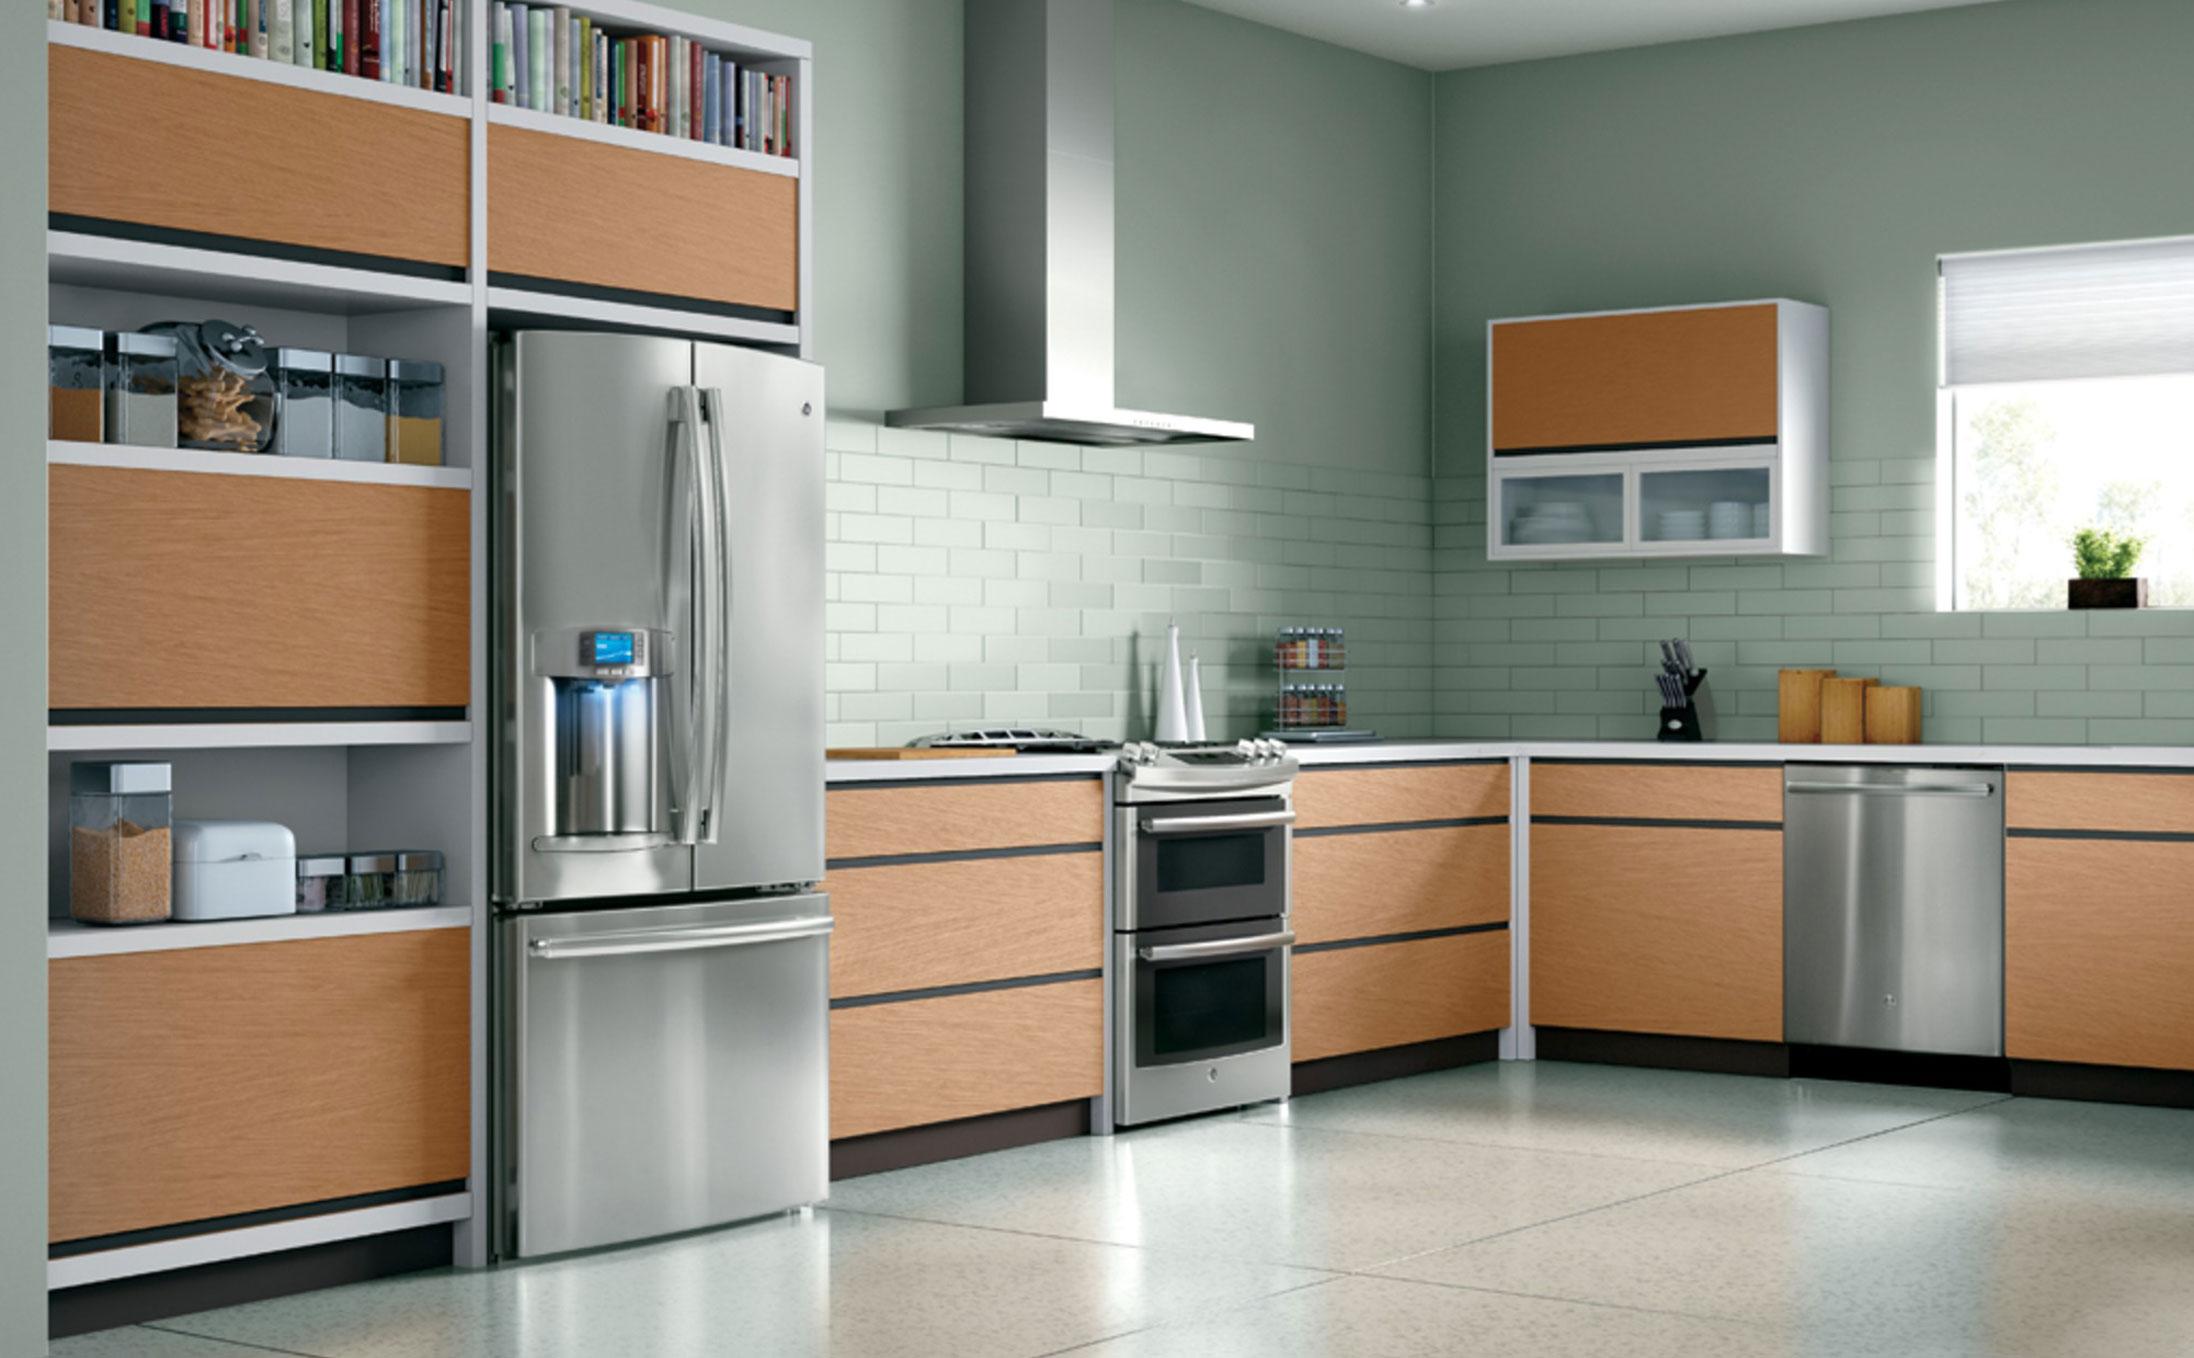 Merveilleux Best Kitchen Gallery: Best Designer Home Appliances Contemporary Decoration  Design Ideas Of Designer Home Appliances